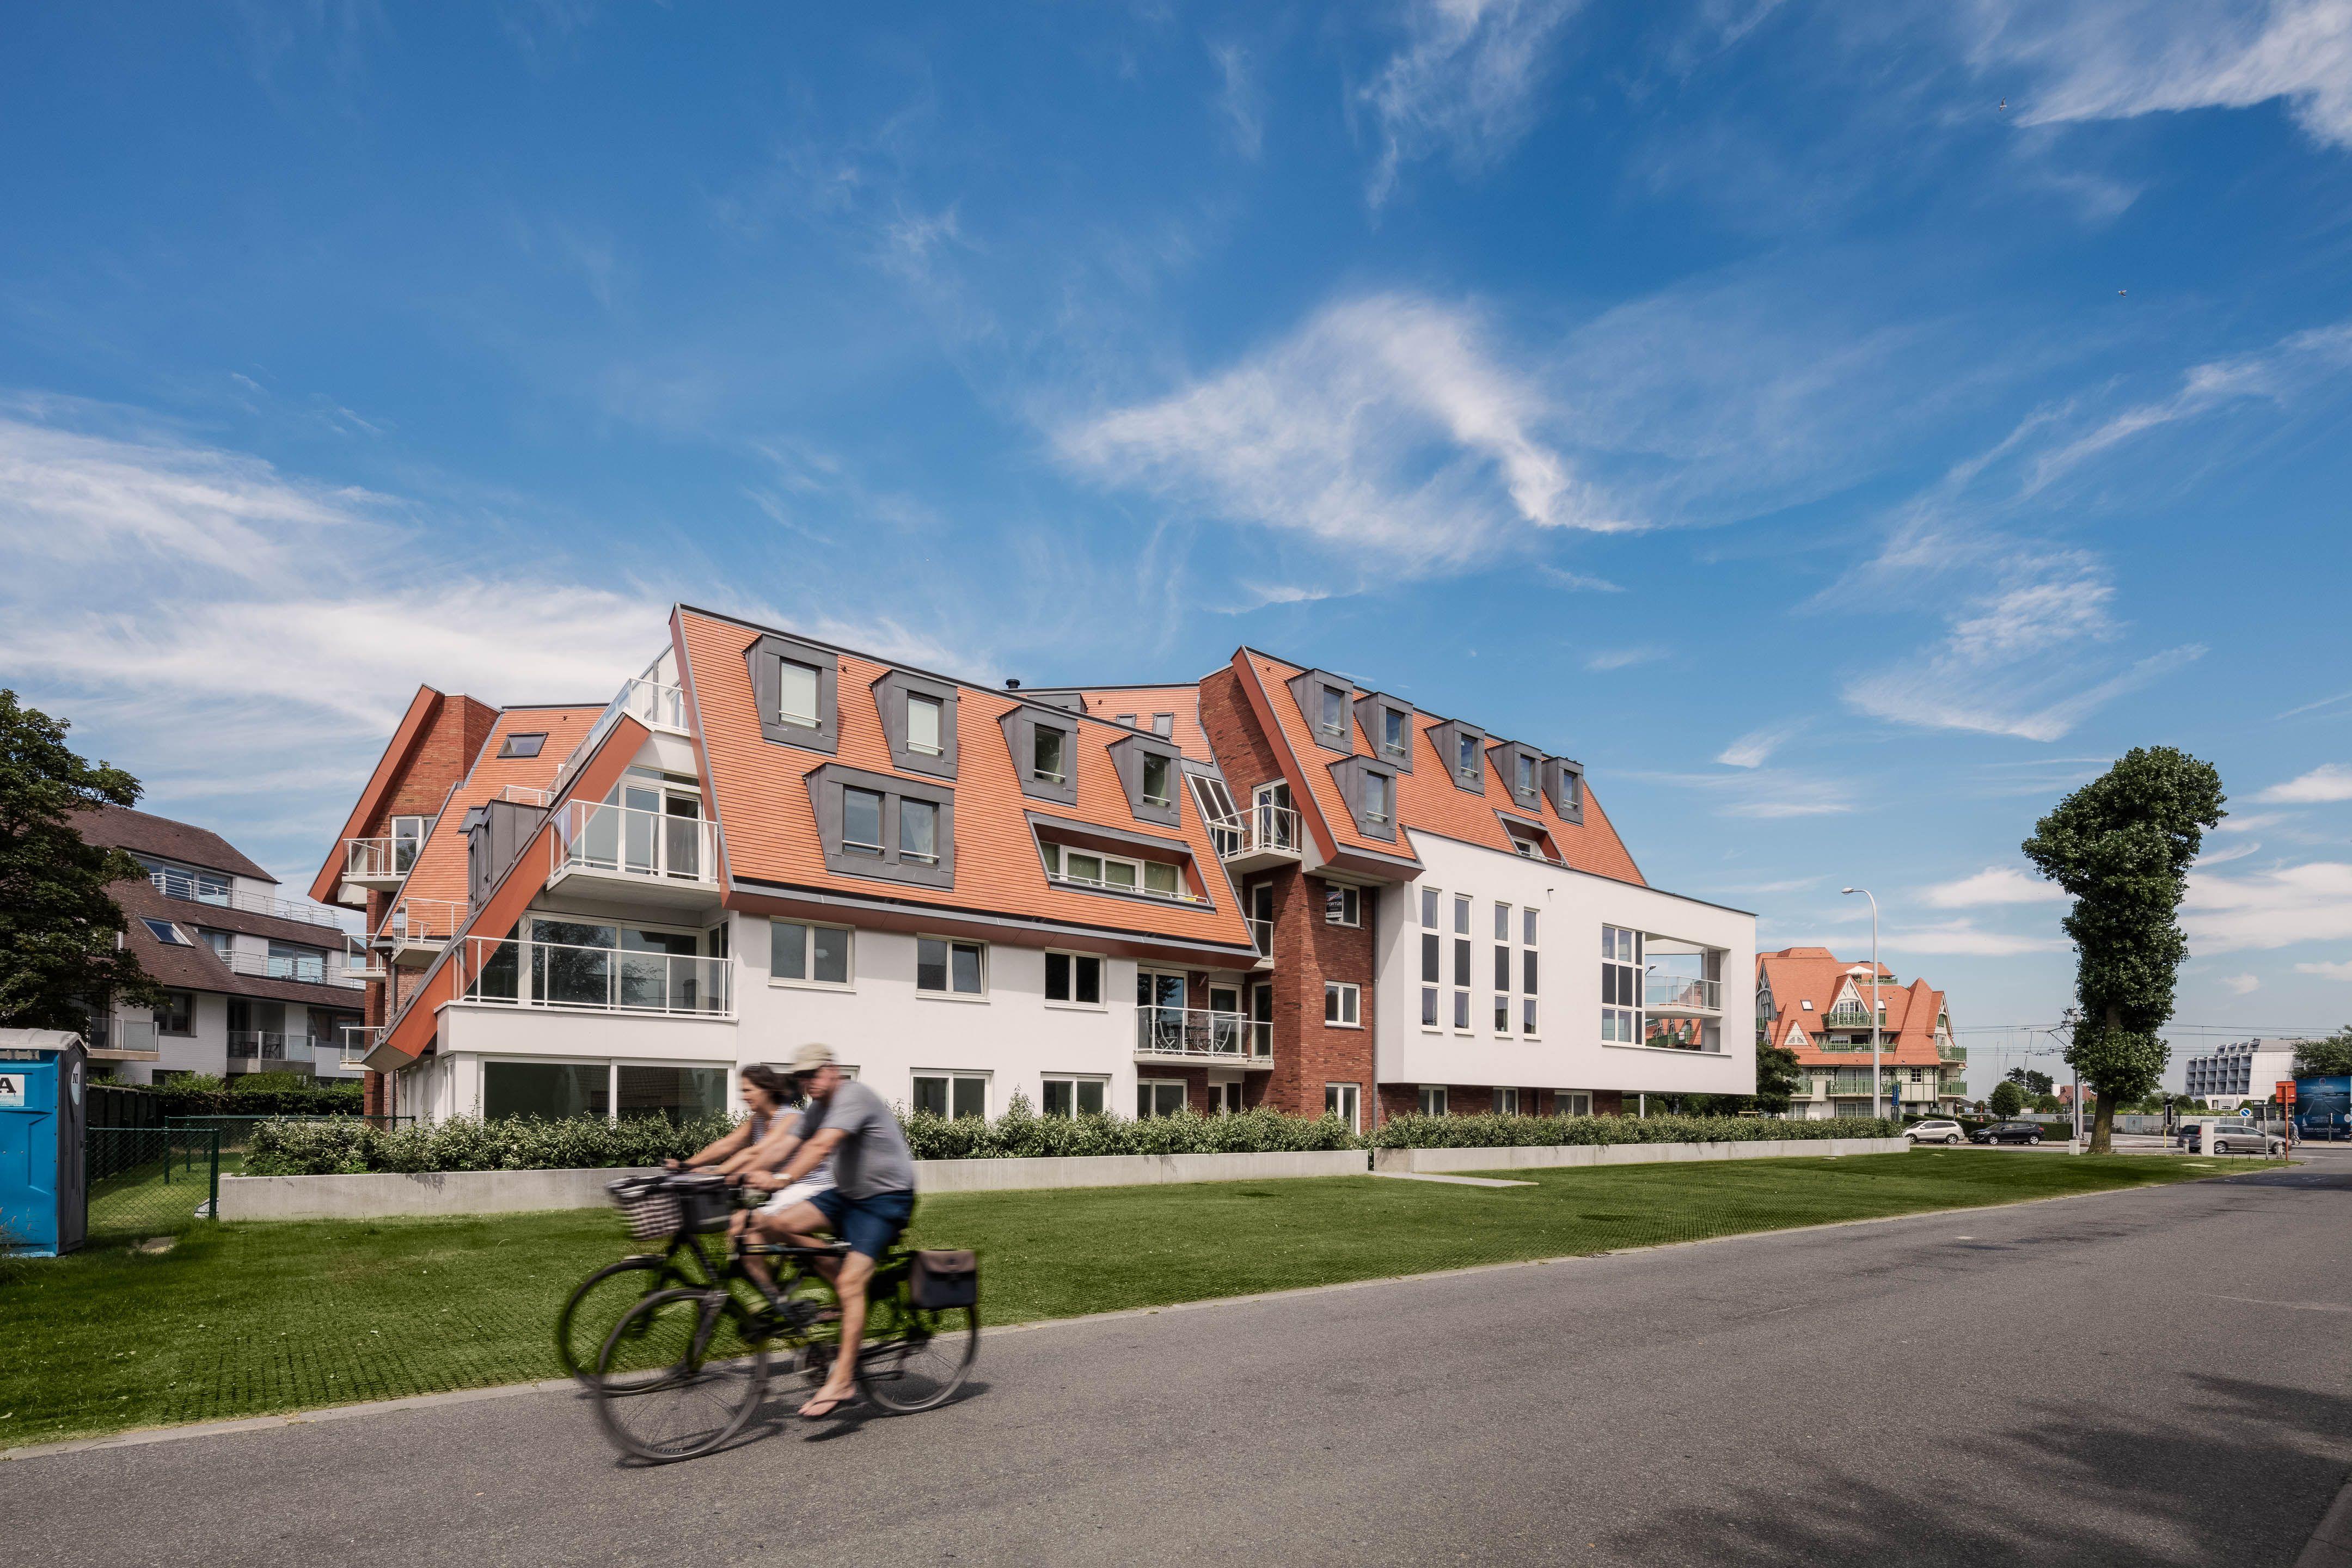 Appartement Residentie Villa Crombez Nieuwpoort - 9257